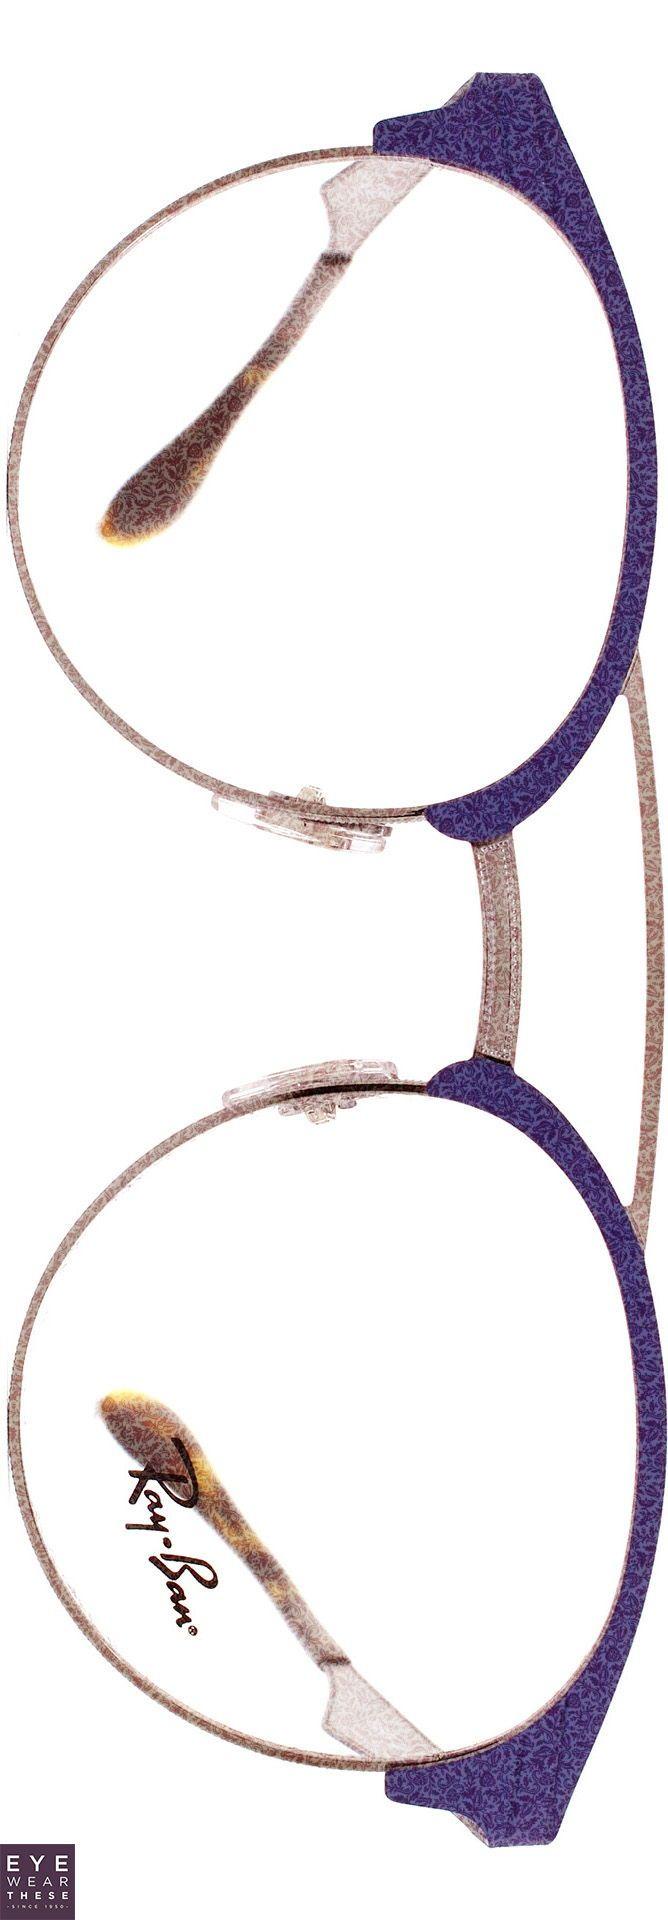 6c3f4d60b6 Ray-Ban 3545 Glasses